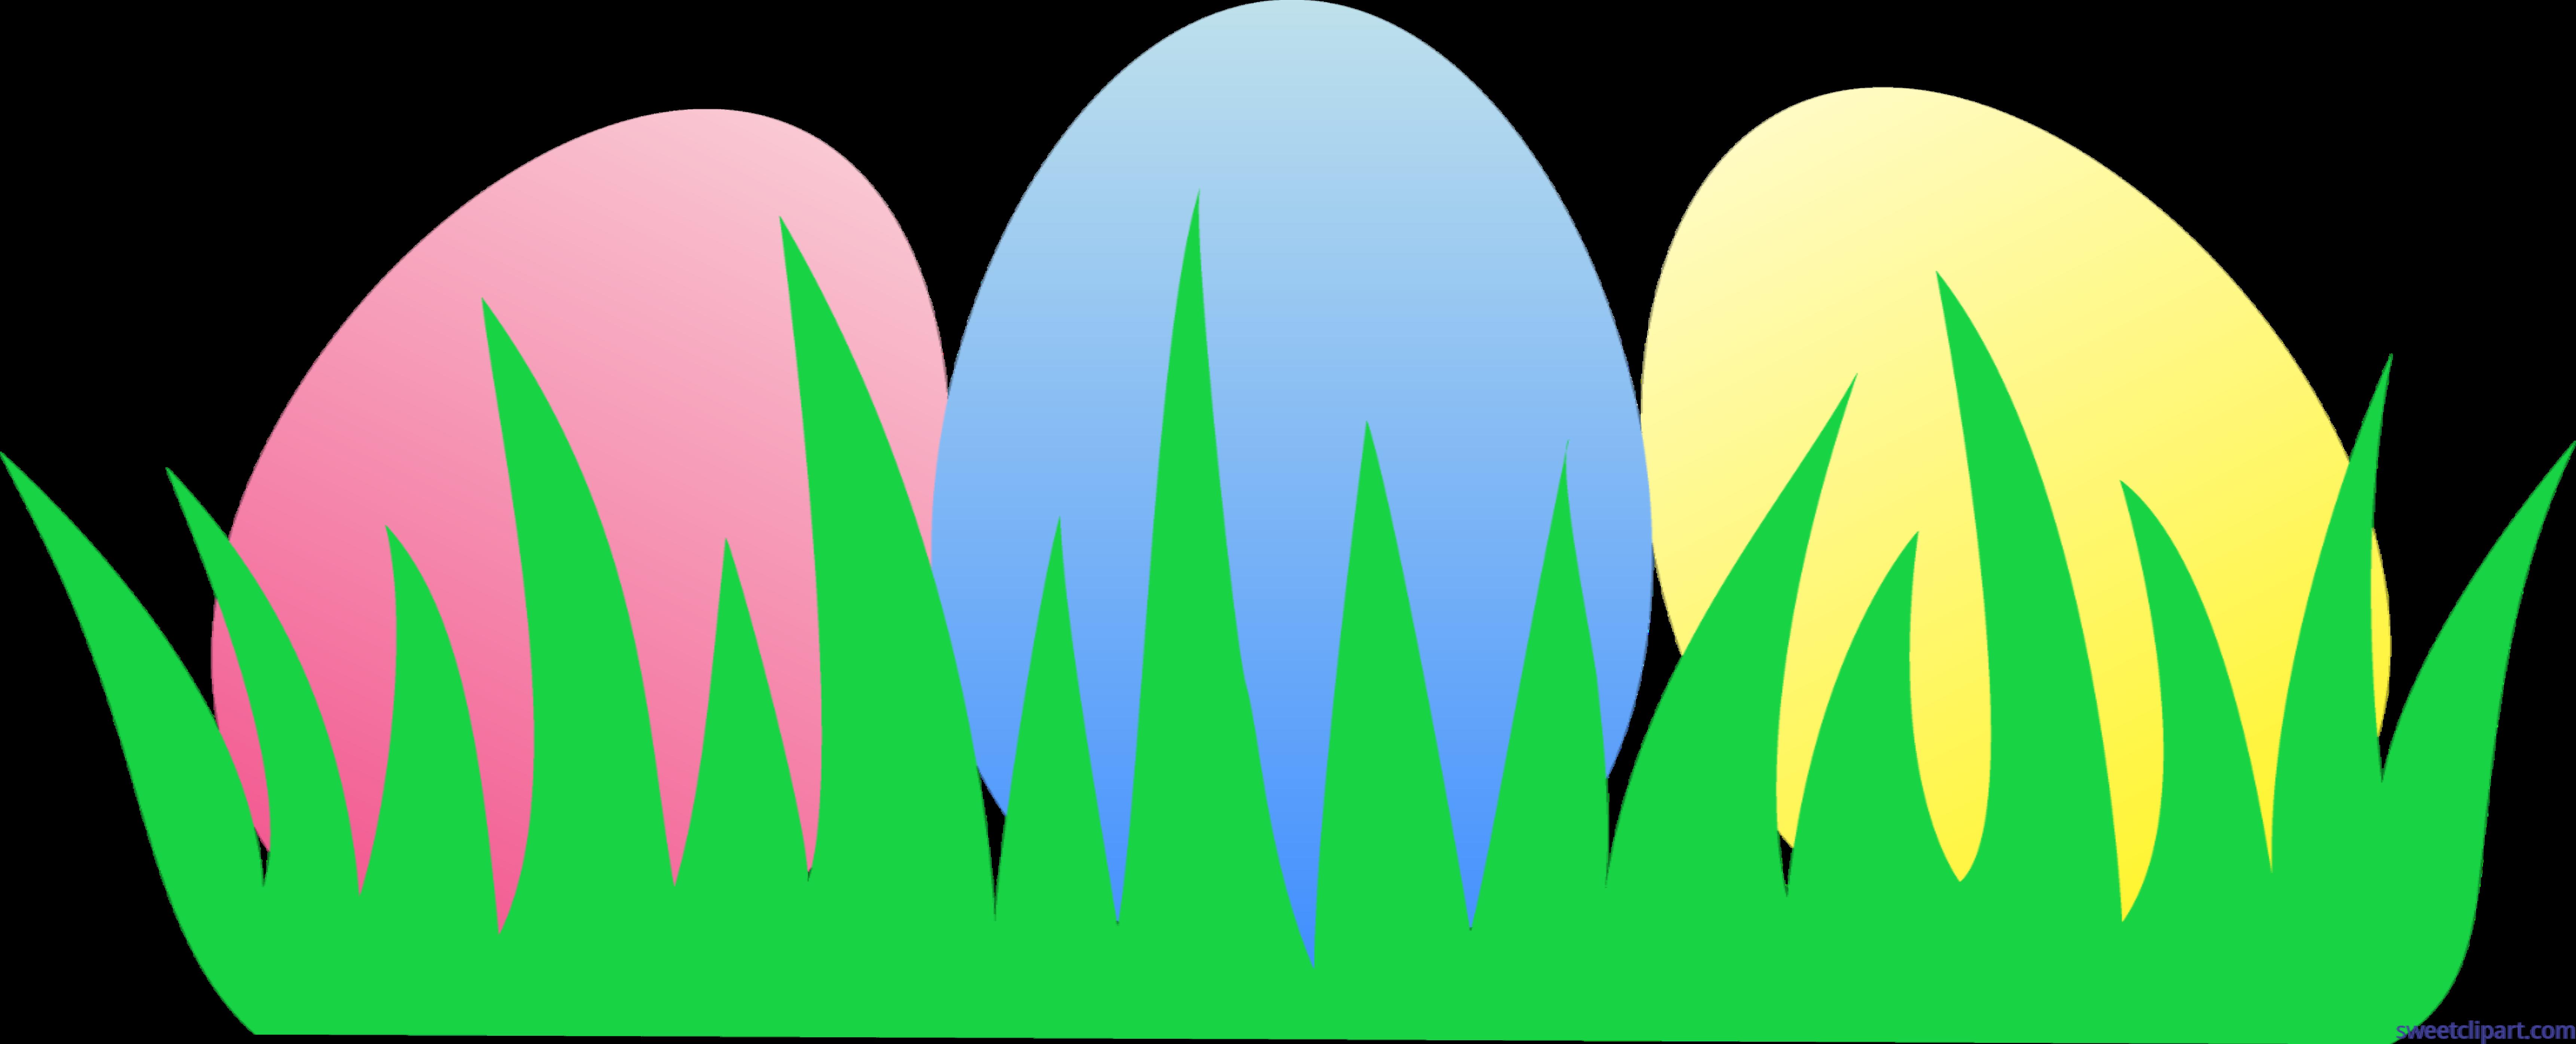 Easter Eggs Grass Clip Art